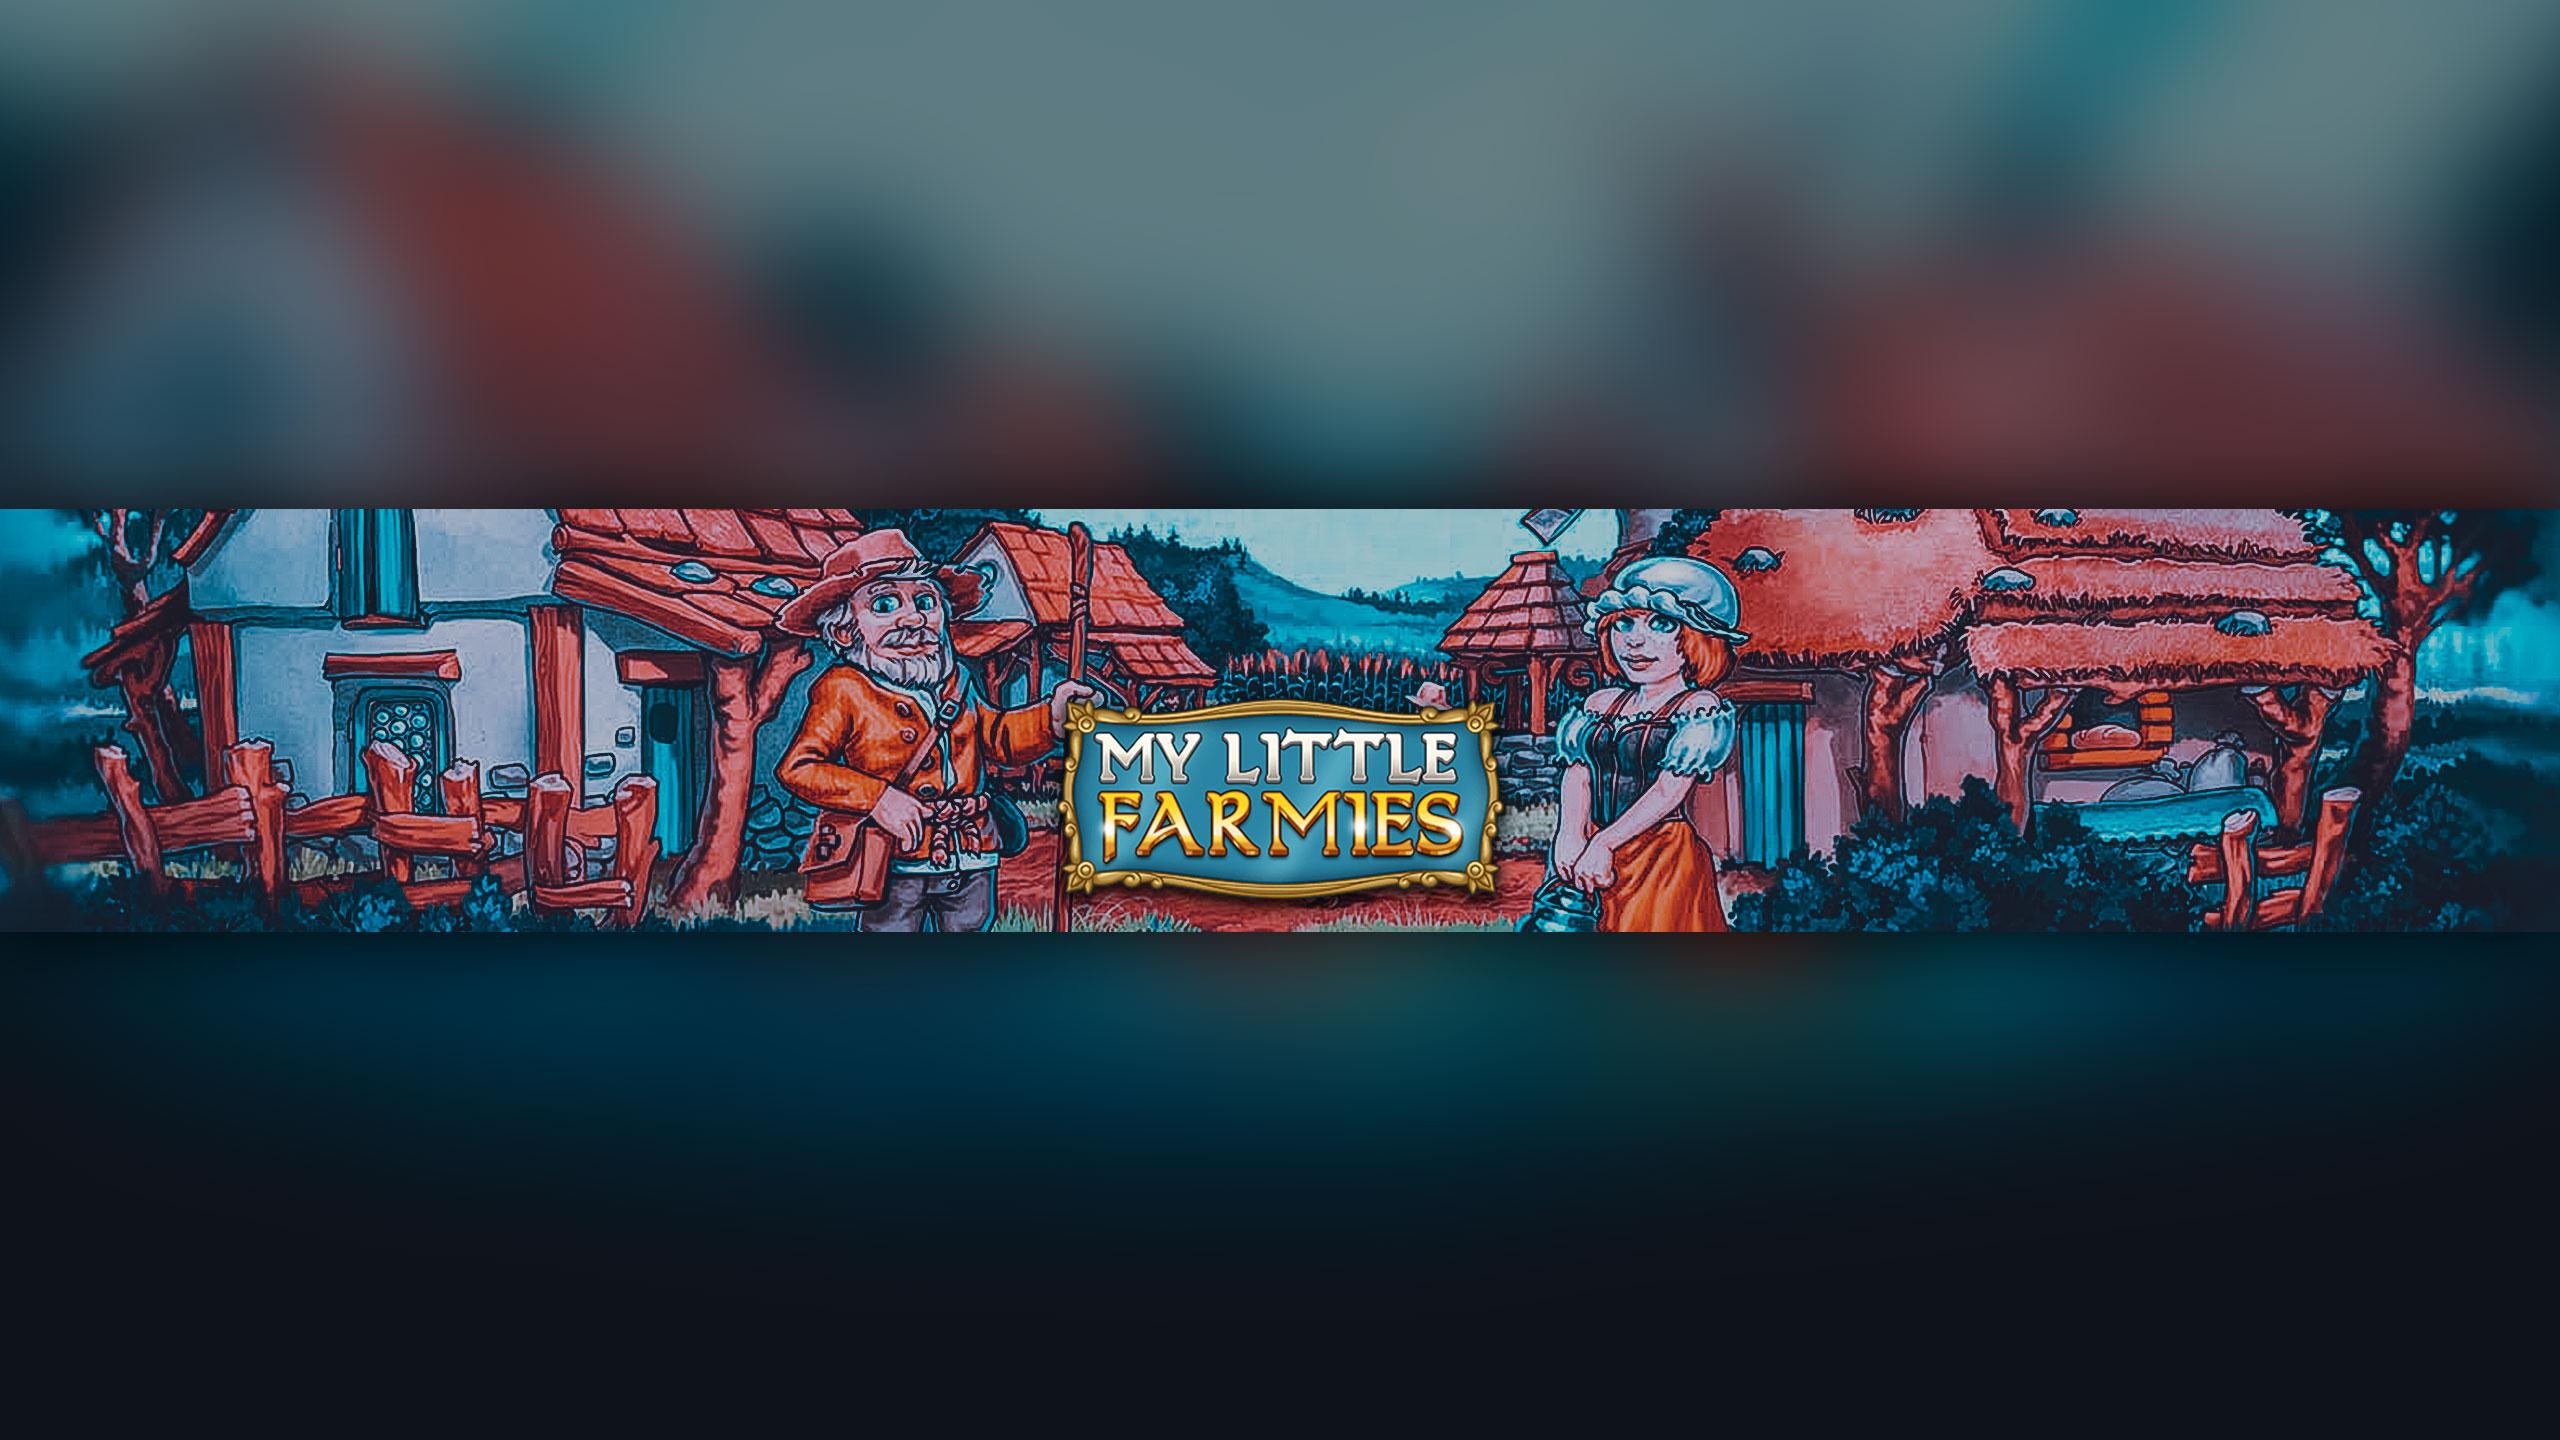 Картинка с названием My Little Farmies на фоне деревенских домов и персонажей игры.